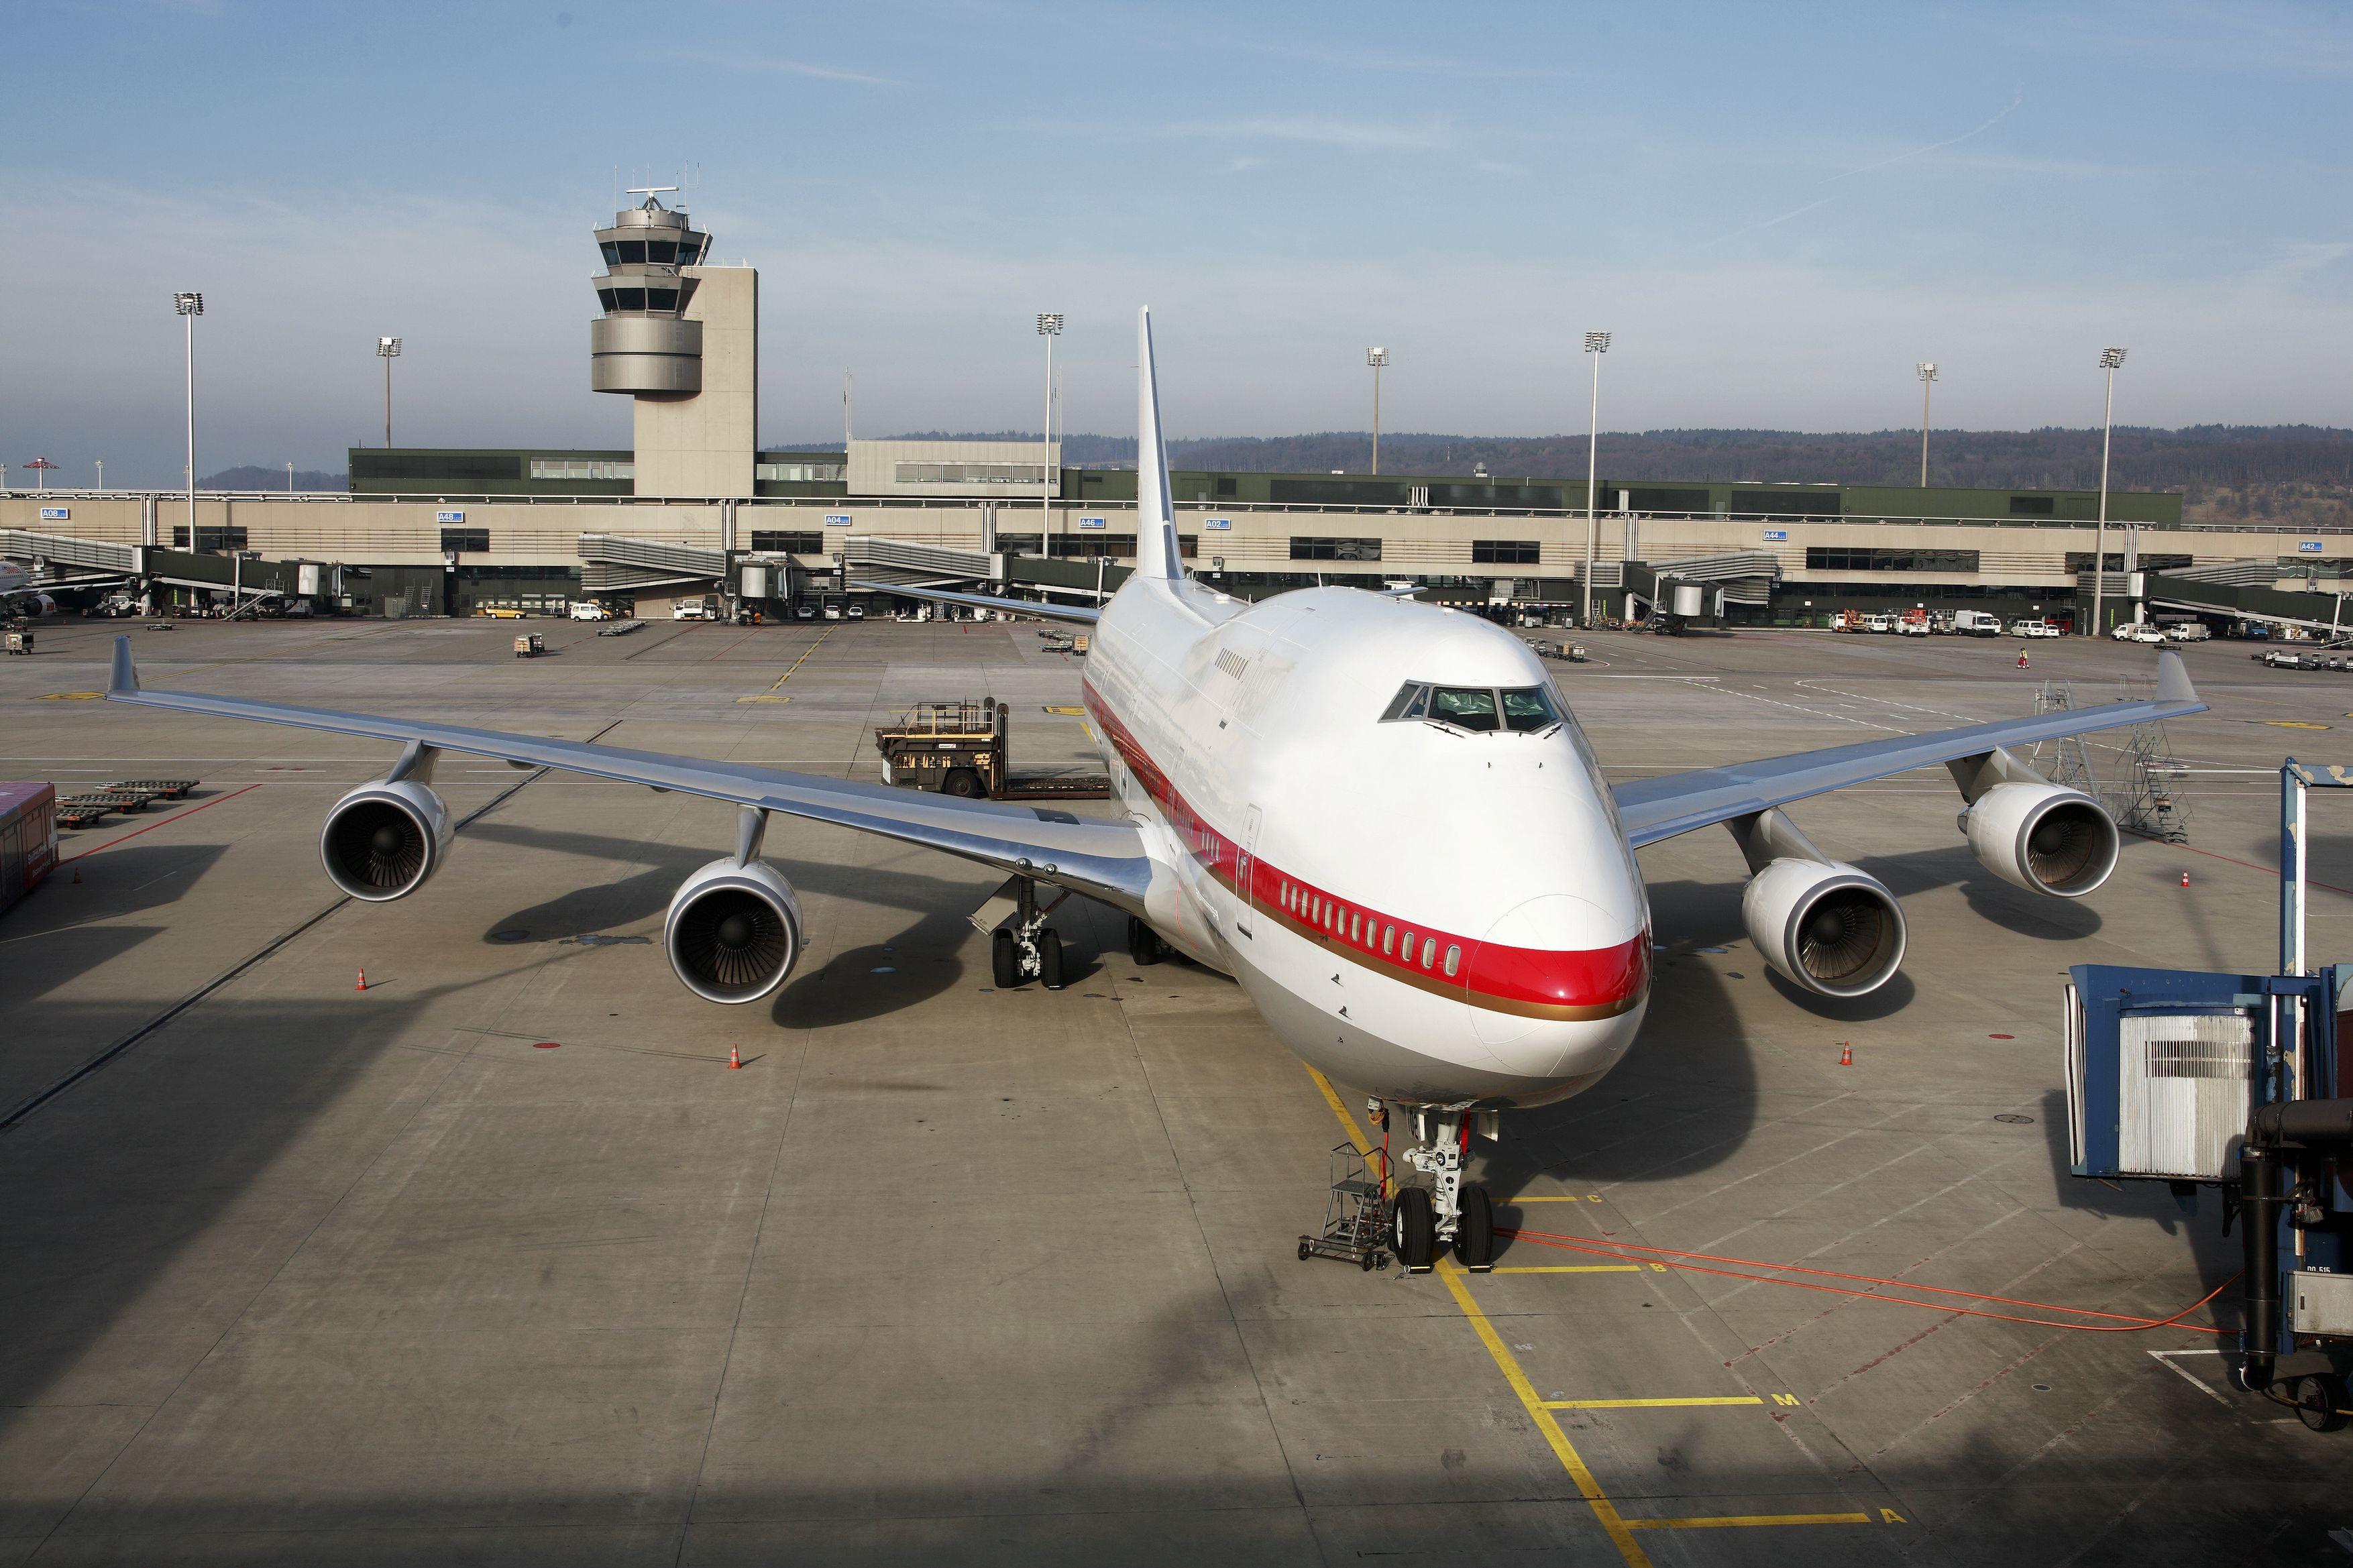 埃塞俄比亚航空波音737 MAX 8坠毁 周一盘前波音公司股价下跌9%